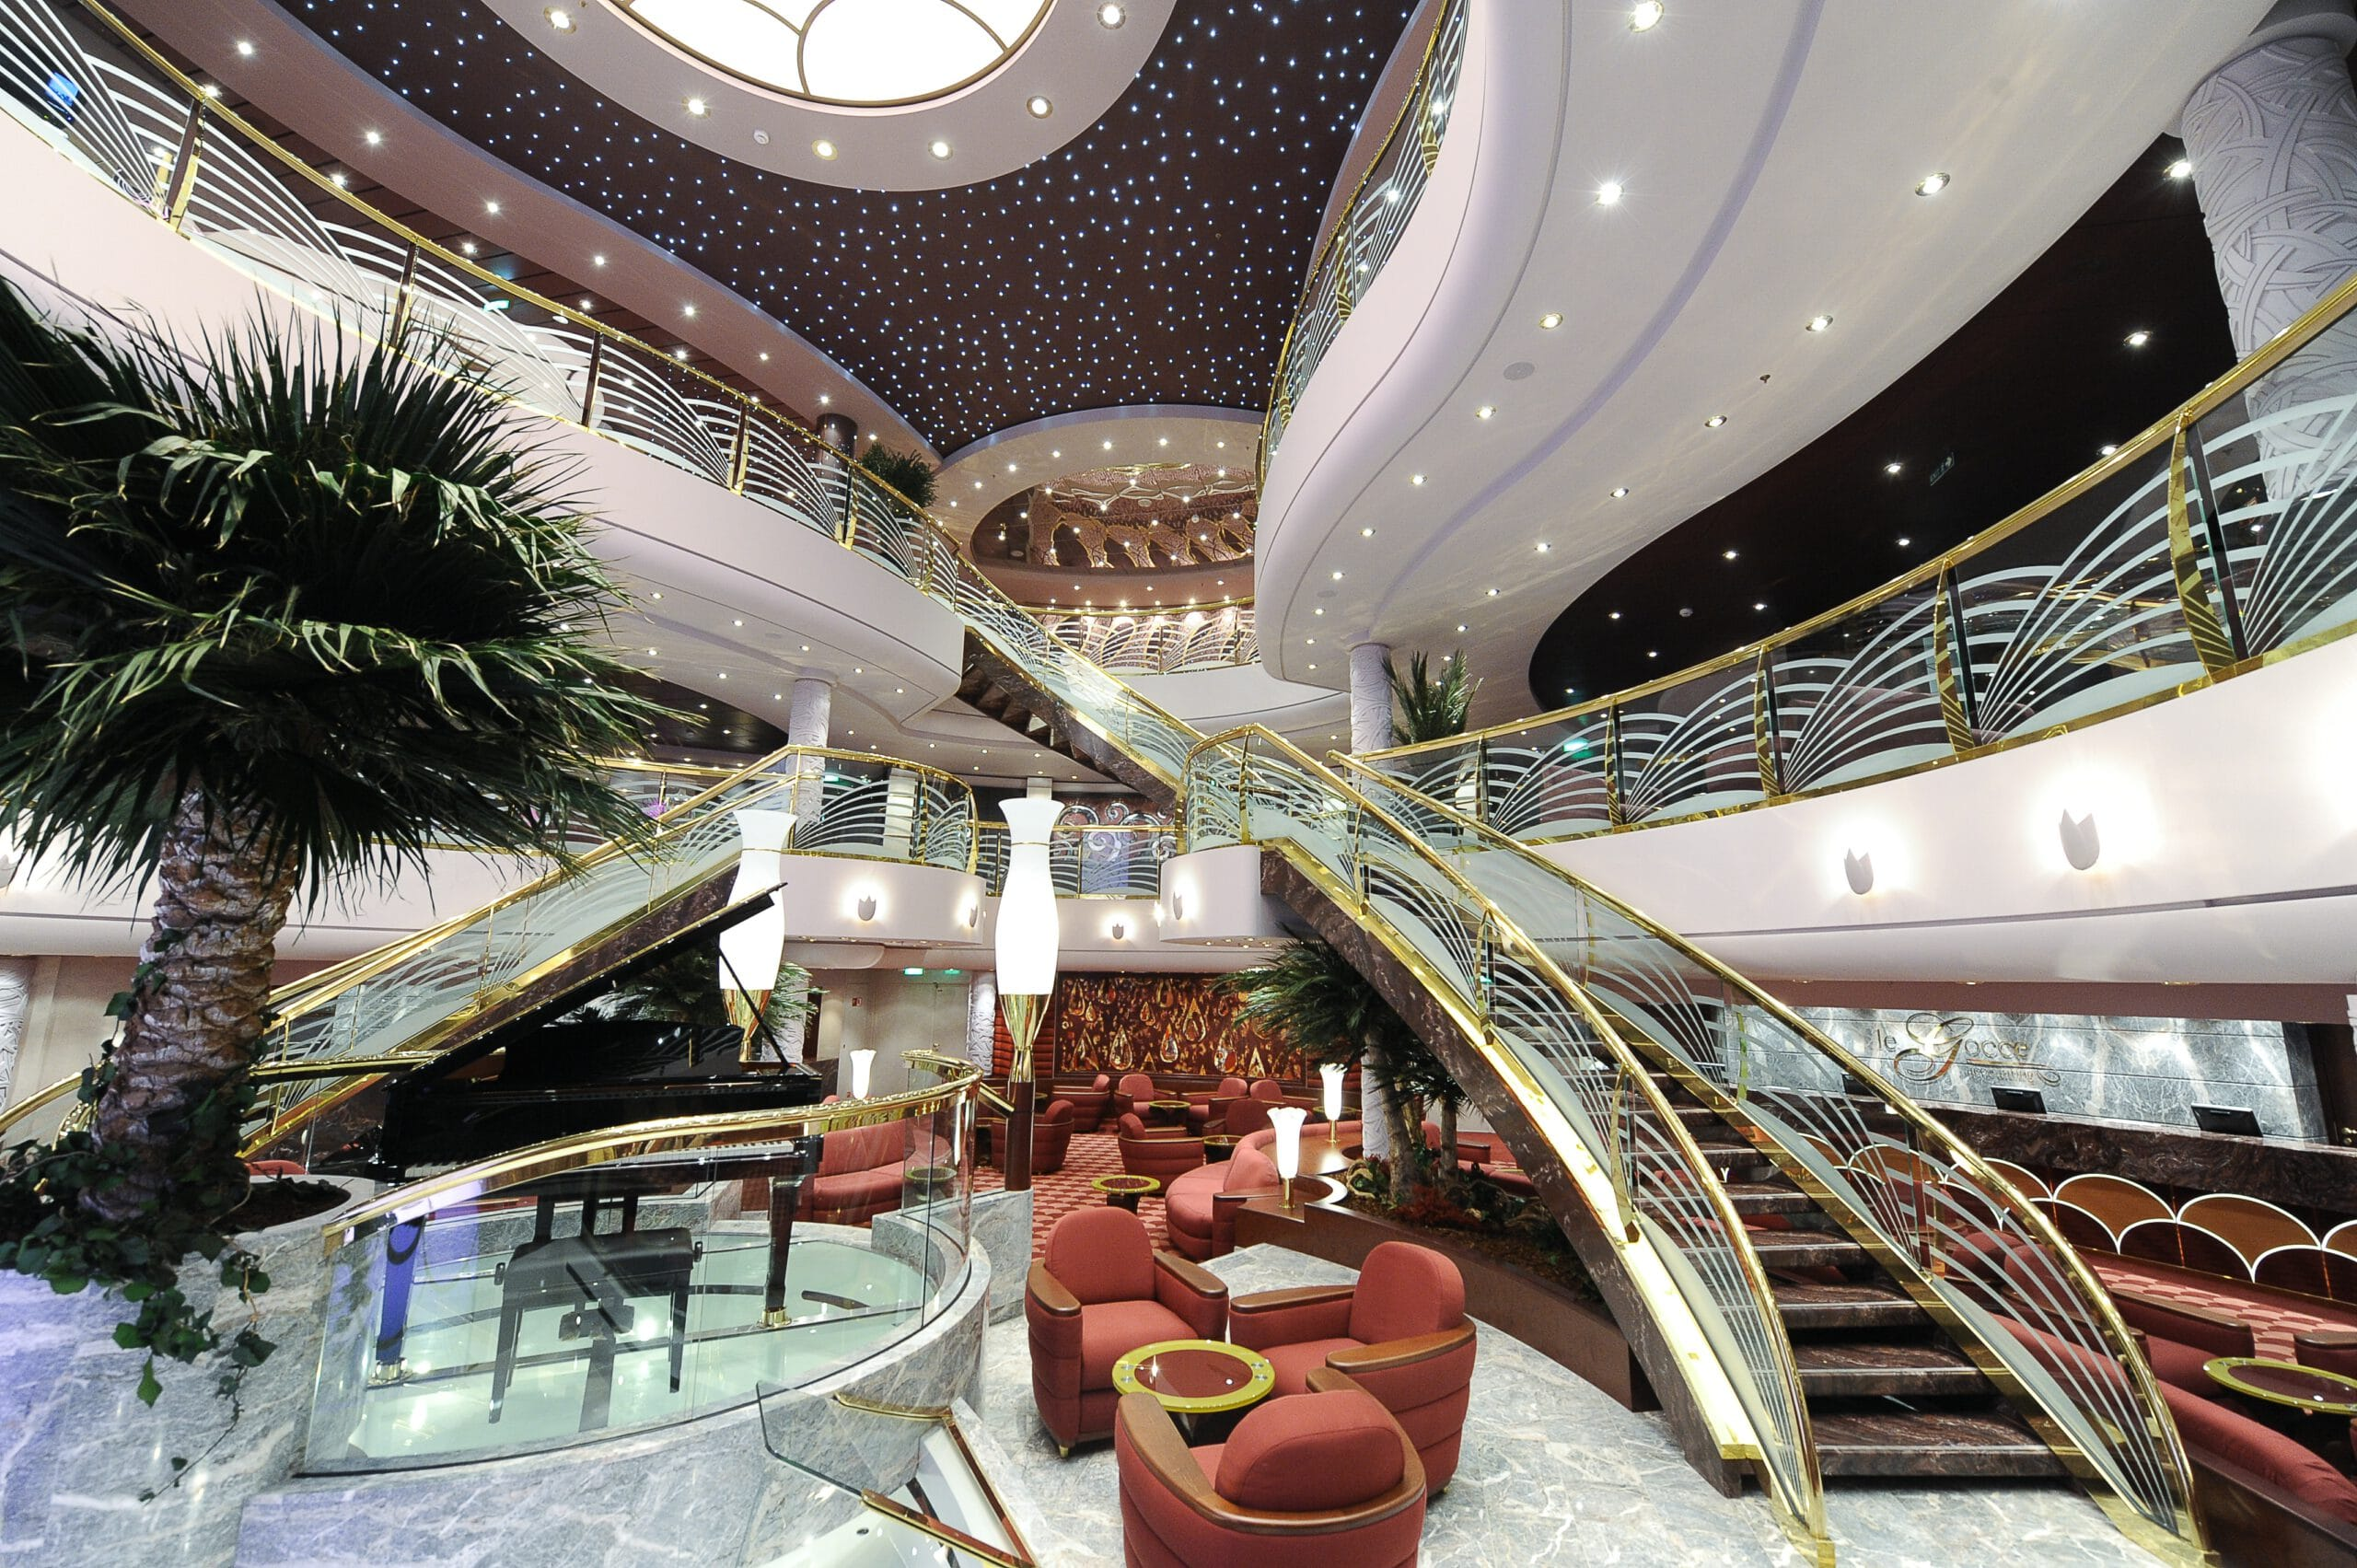 Cruiseschip-MSC Magnifica-MSC Cruises-Atrium